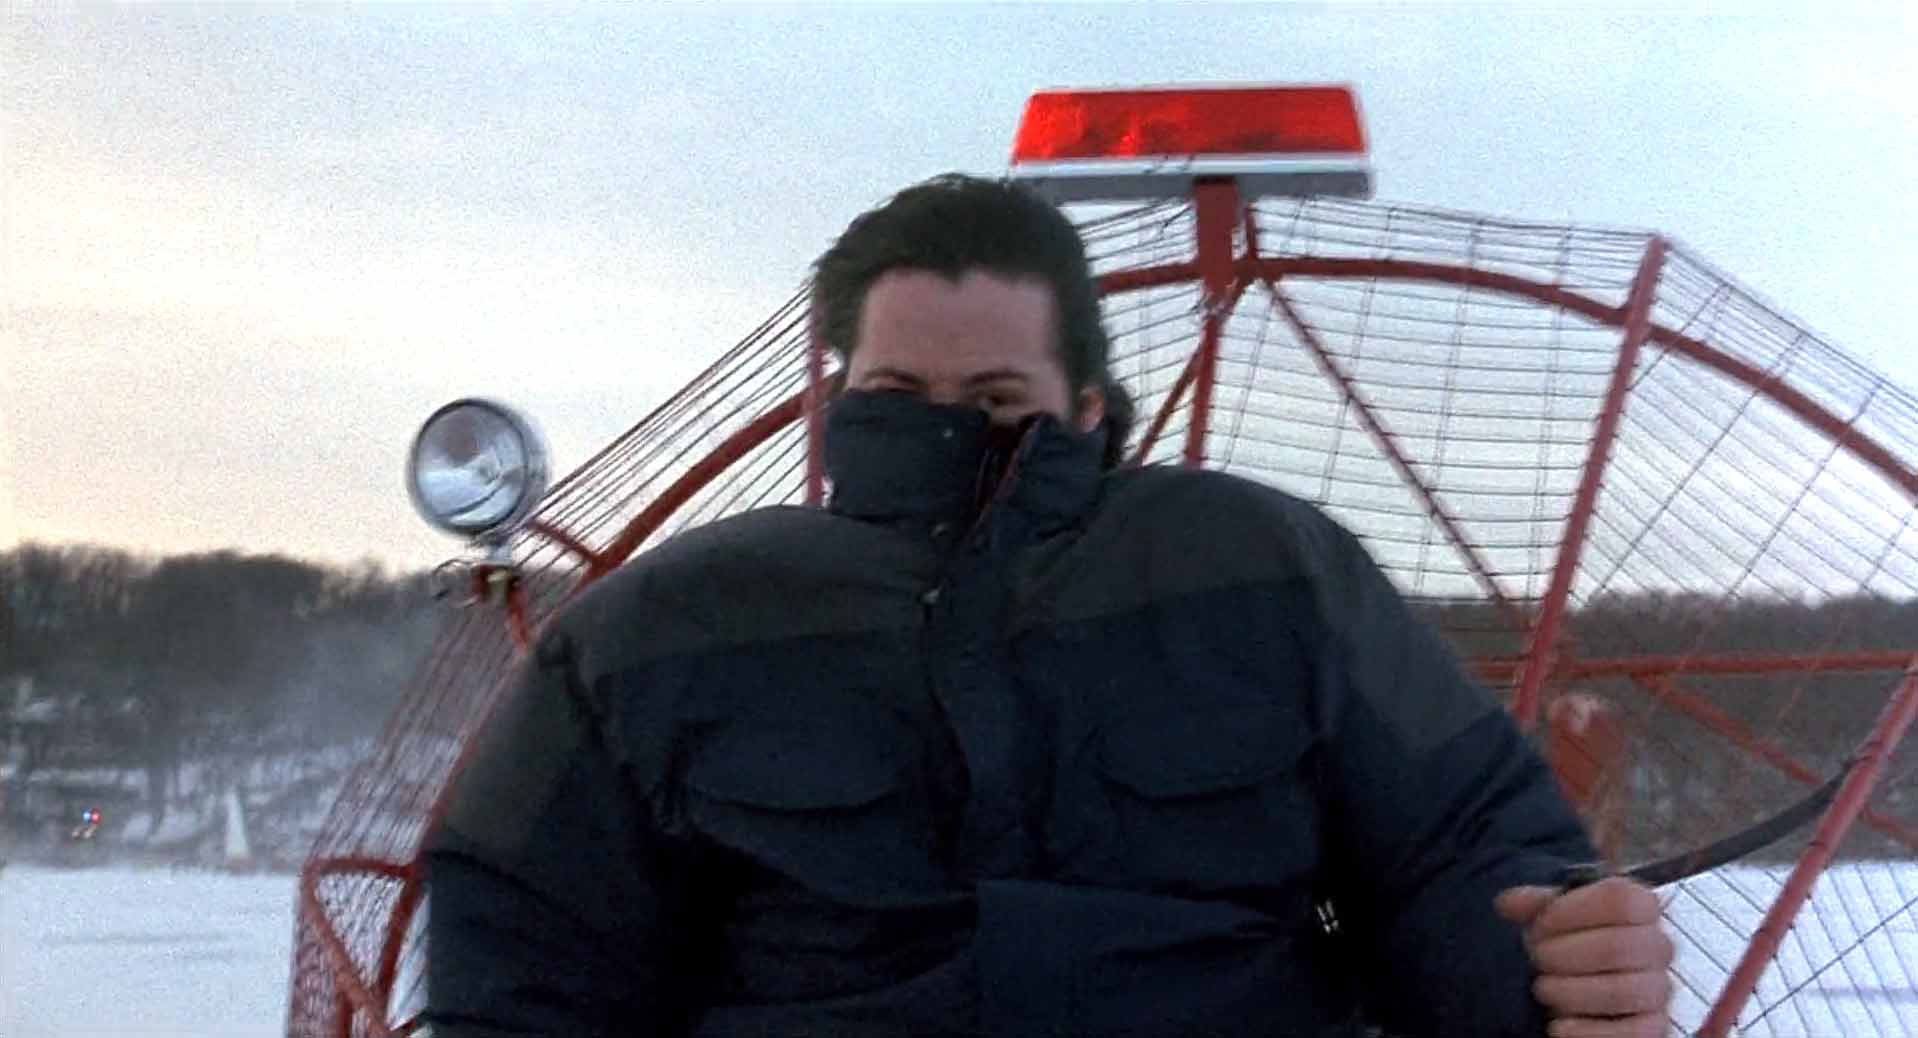 Brrrr Keanu cold